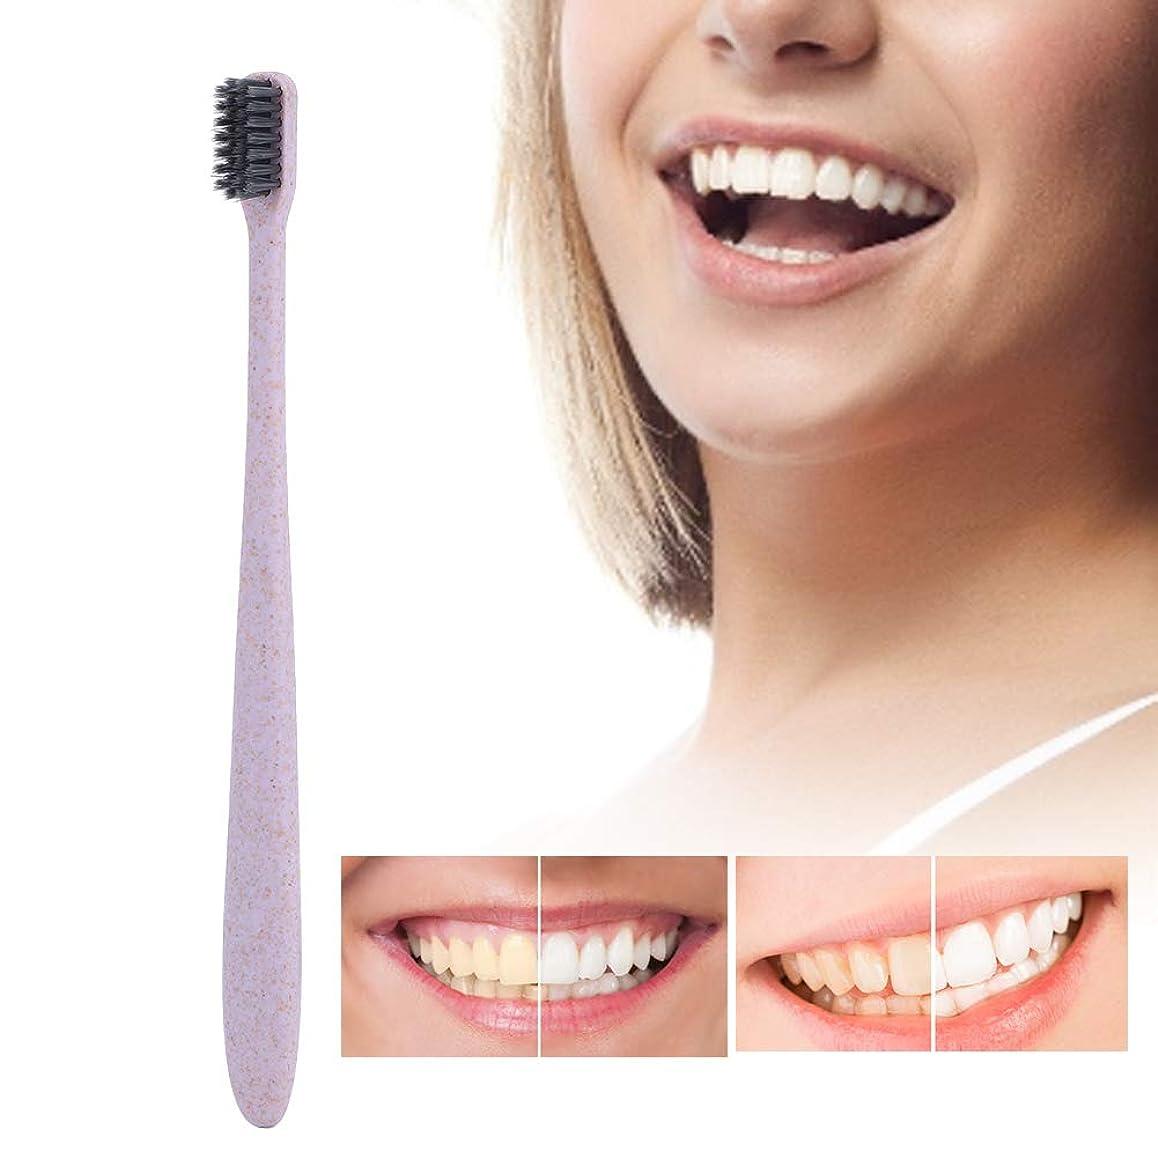 アスレチック時折行う10ピース歯ブラシ、柔らかい竹炭ブラシ髪小麦ハンドル歯ブラシ大人の口腔ケア歯ブラシ